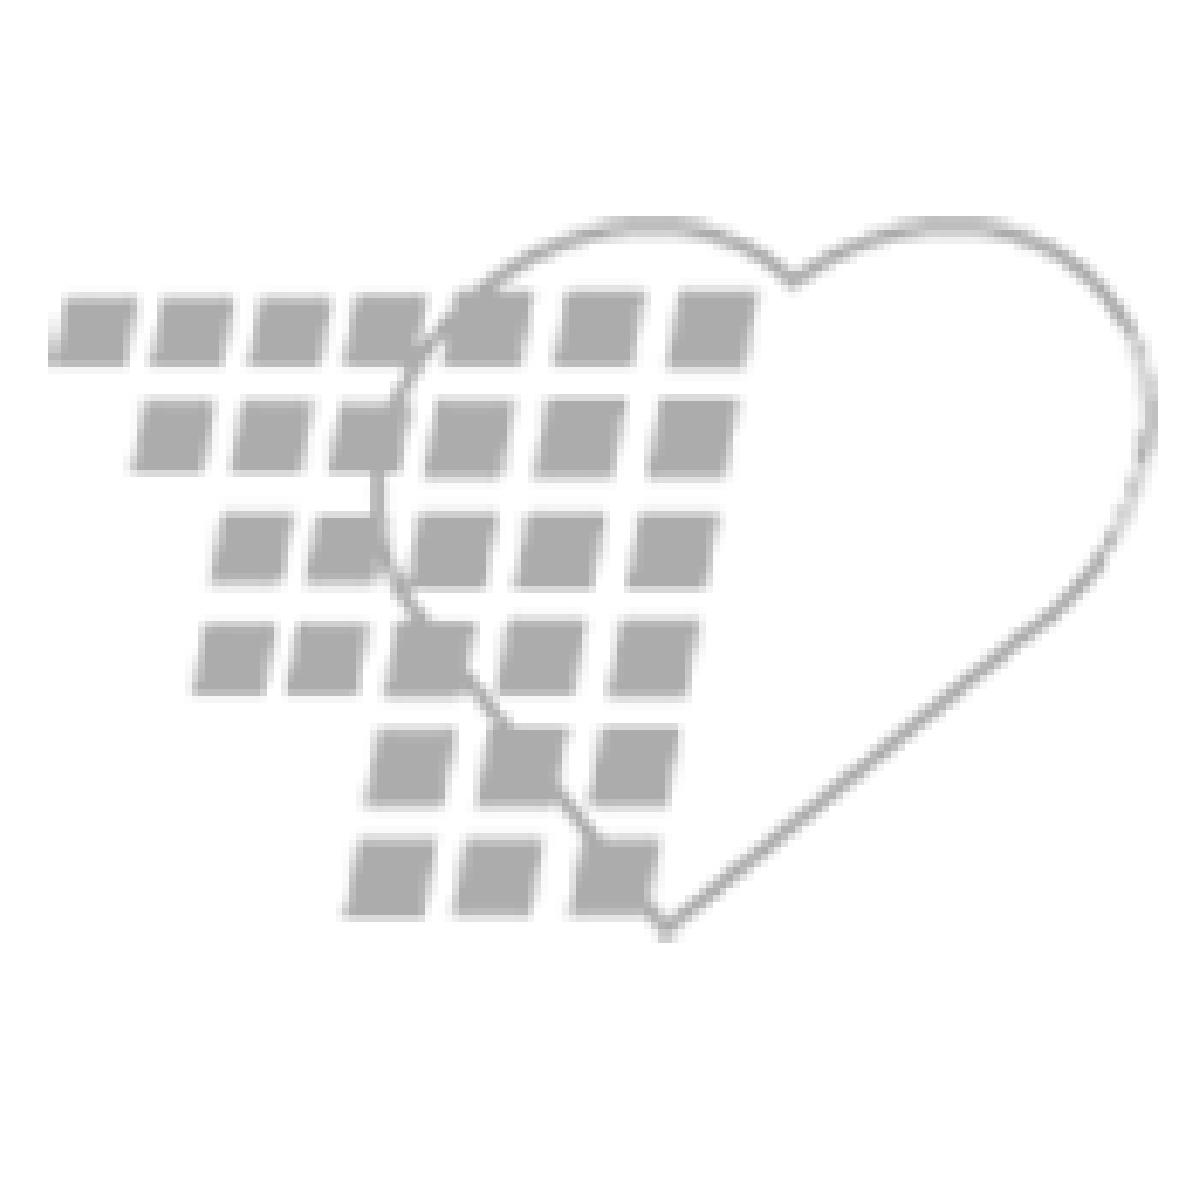 06-93-9006 - Demo Dose® CeFAZoln (Ancf) 10mL vial 1g